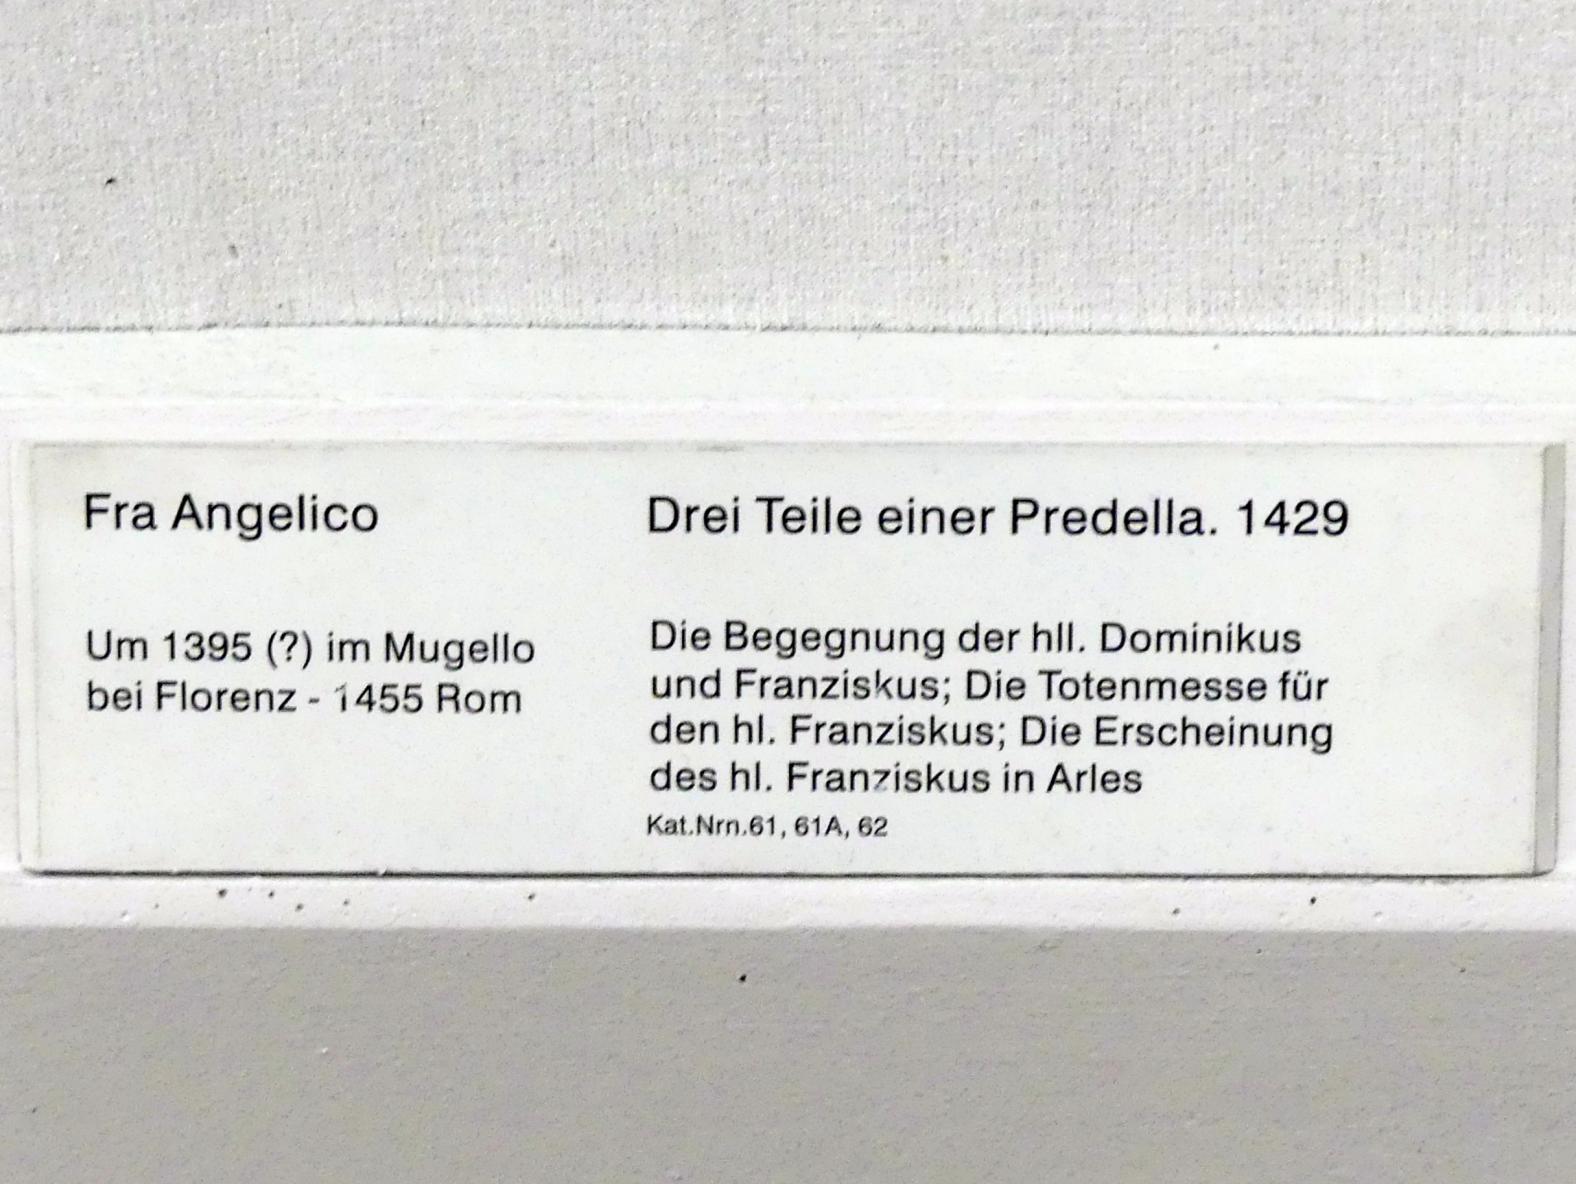 Fra Angelico: Drei Teile einer Predella, 1429, Bild 2/2